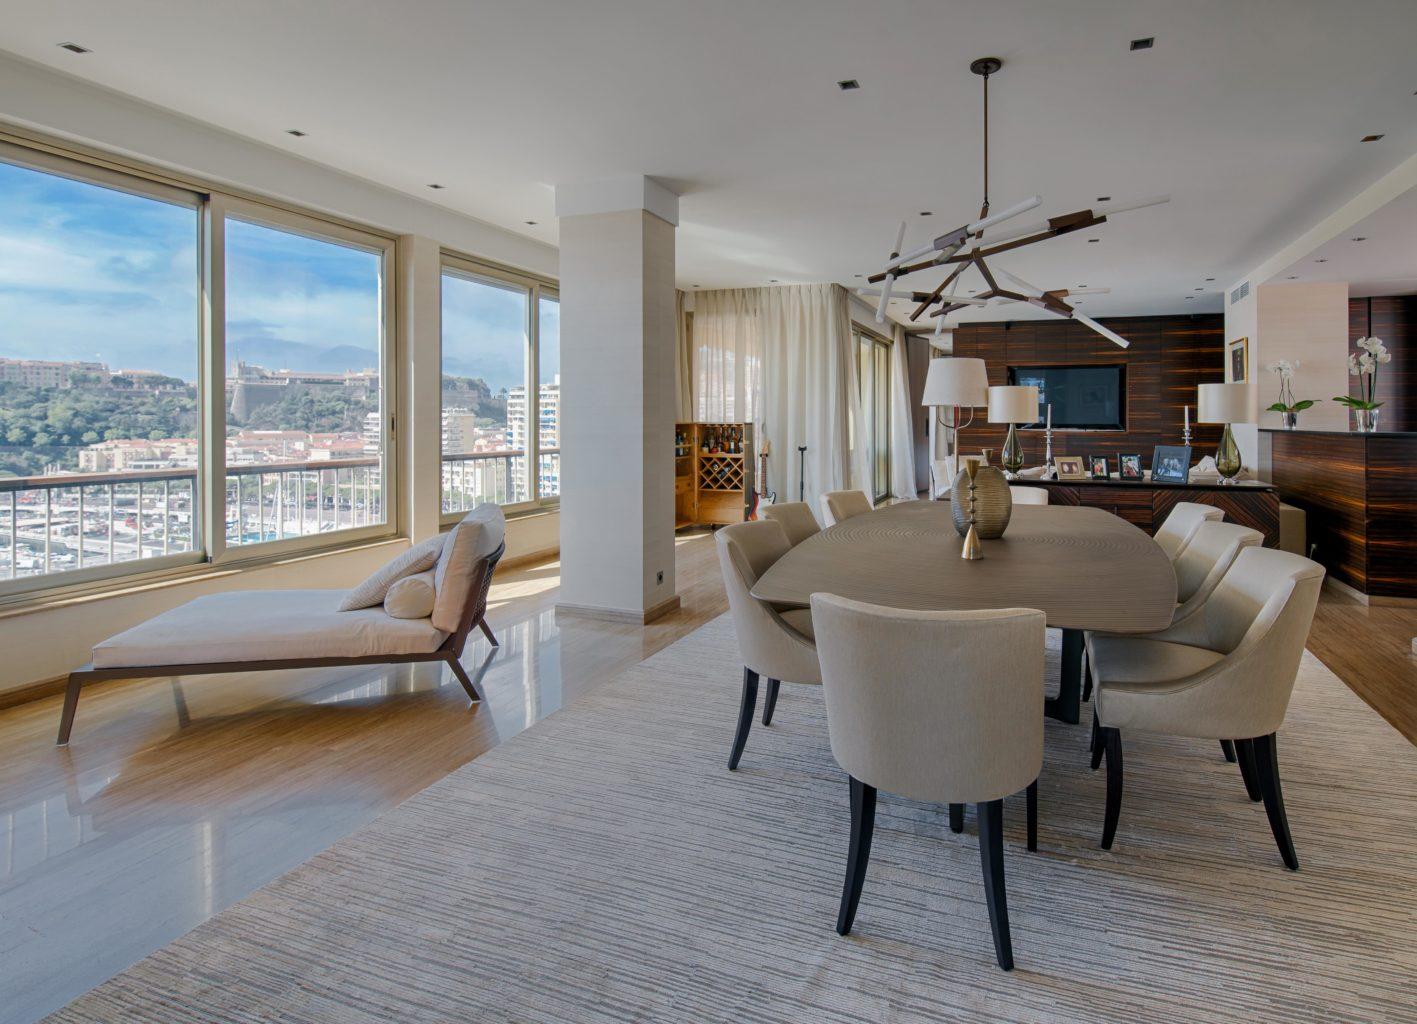 Лоран Локки: «Во время пандемии иностранцы продолжают скупать недвижимость в Монако»